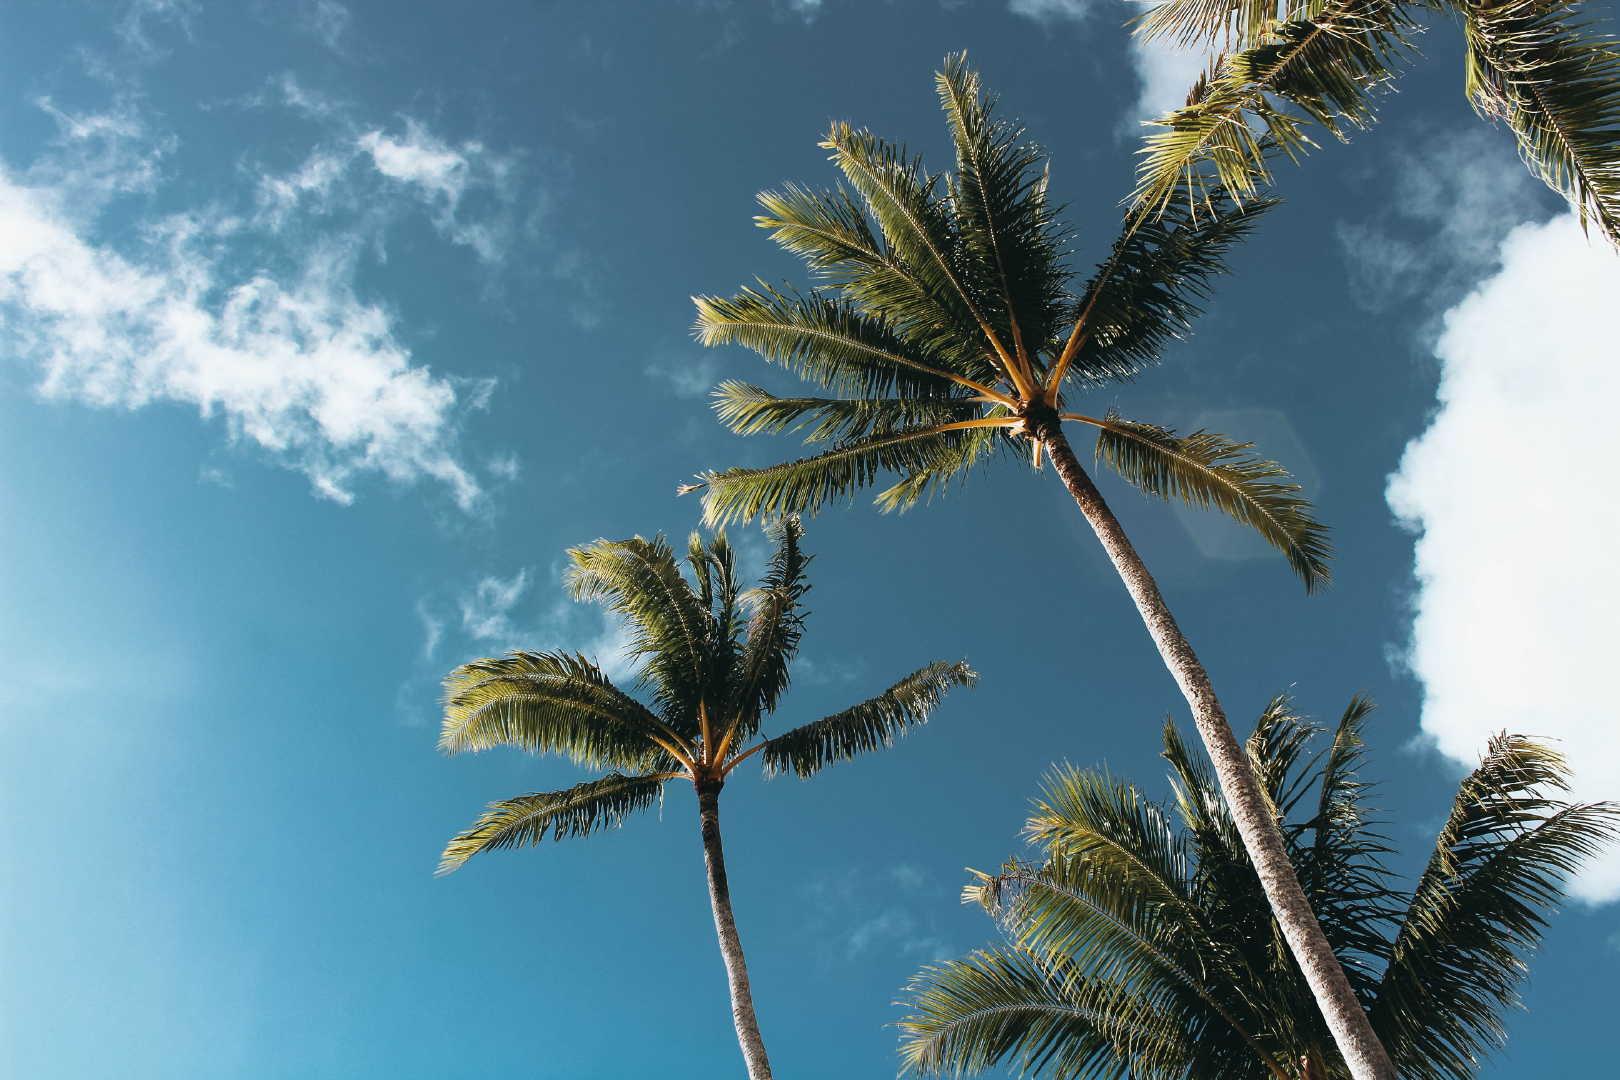 高大挺拔的椰子树高清桌面壁纸